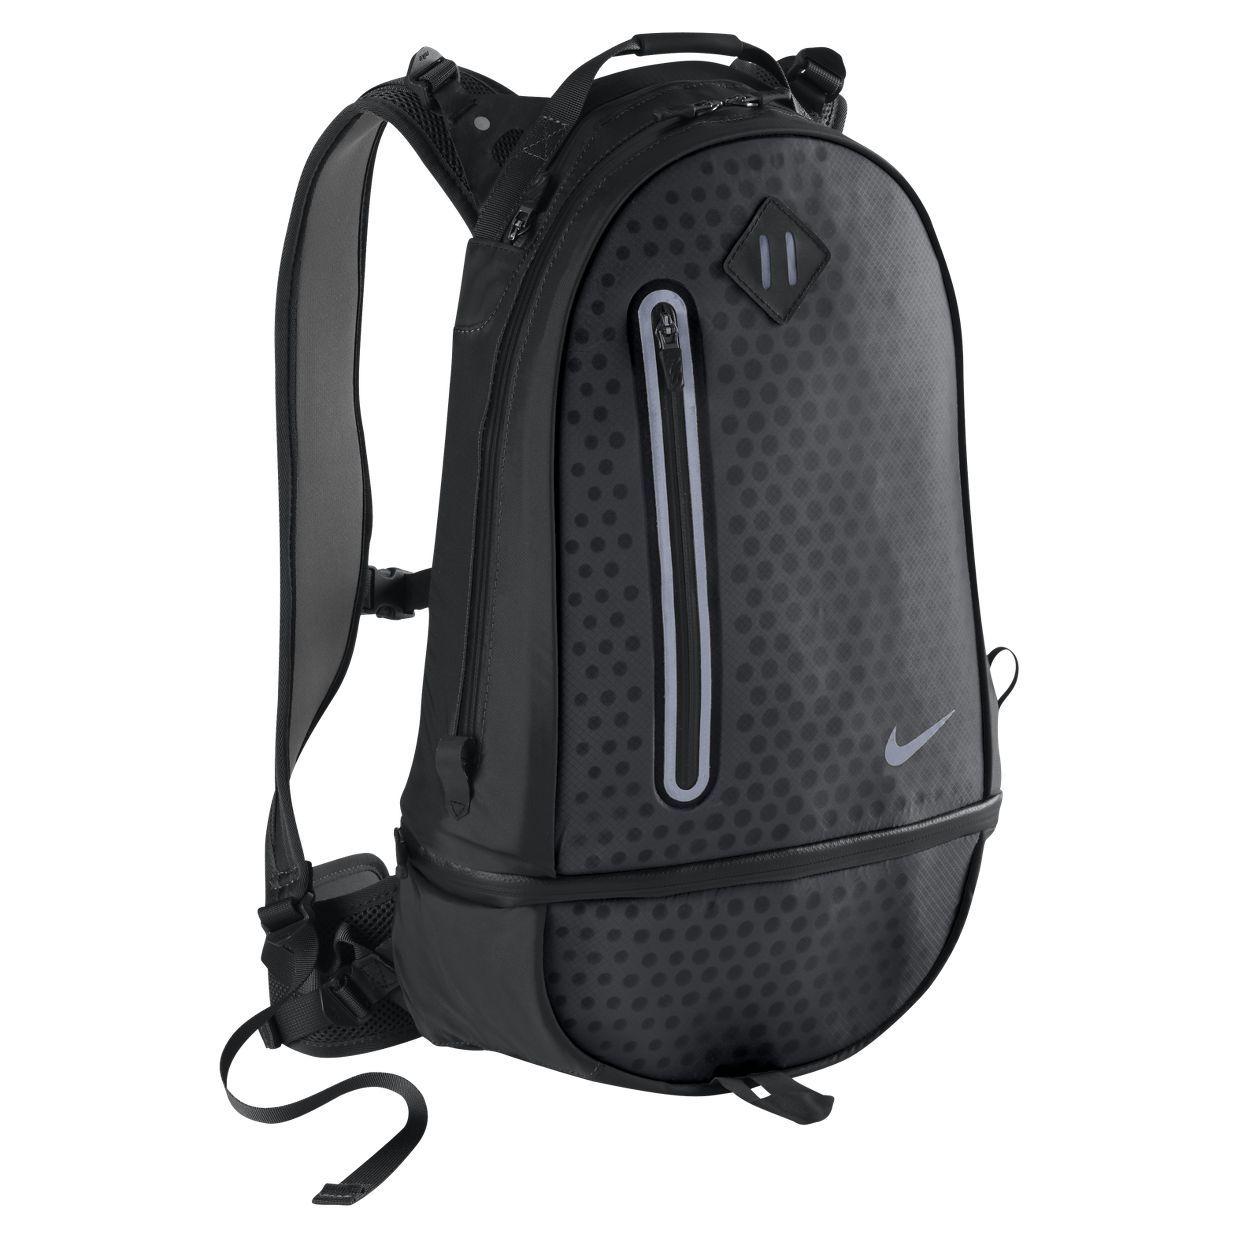 nike rolling backpack cheaper